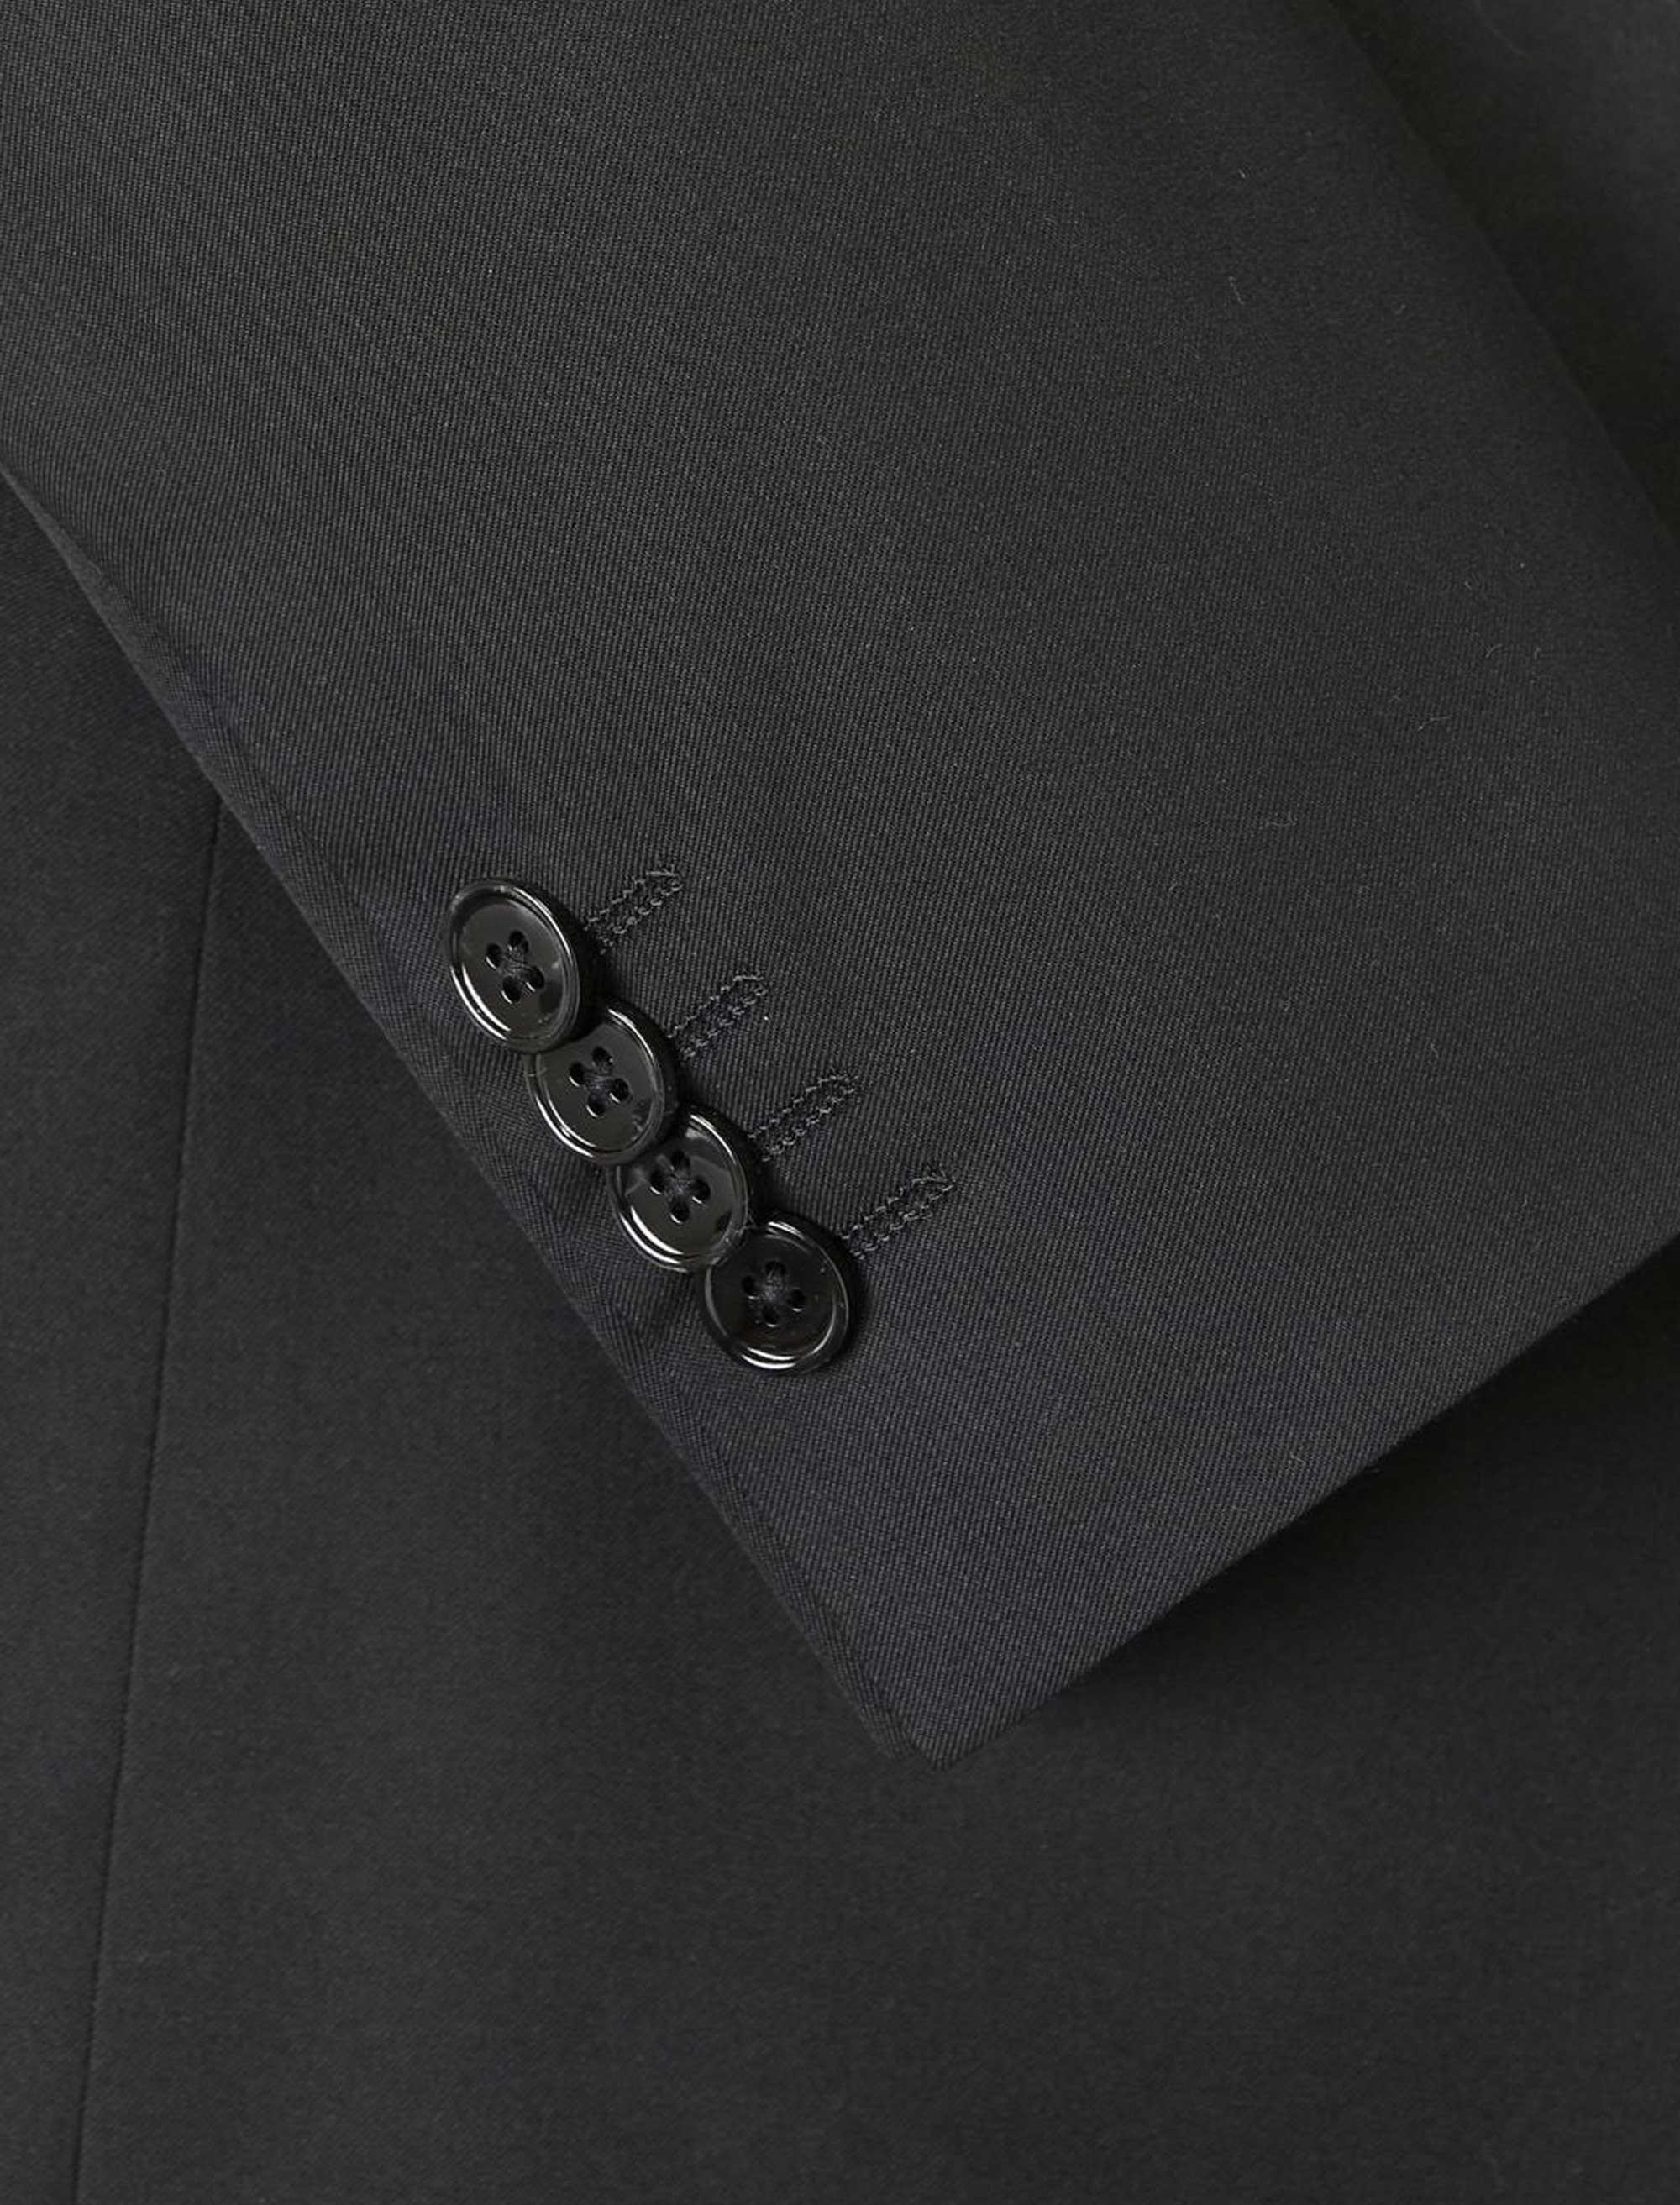 کت تک رسمی مردانه - مانگو - مشکي - 6